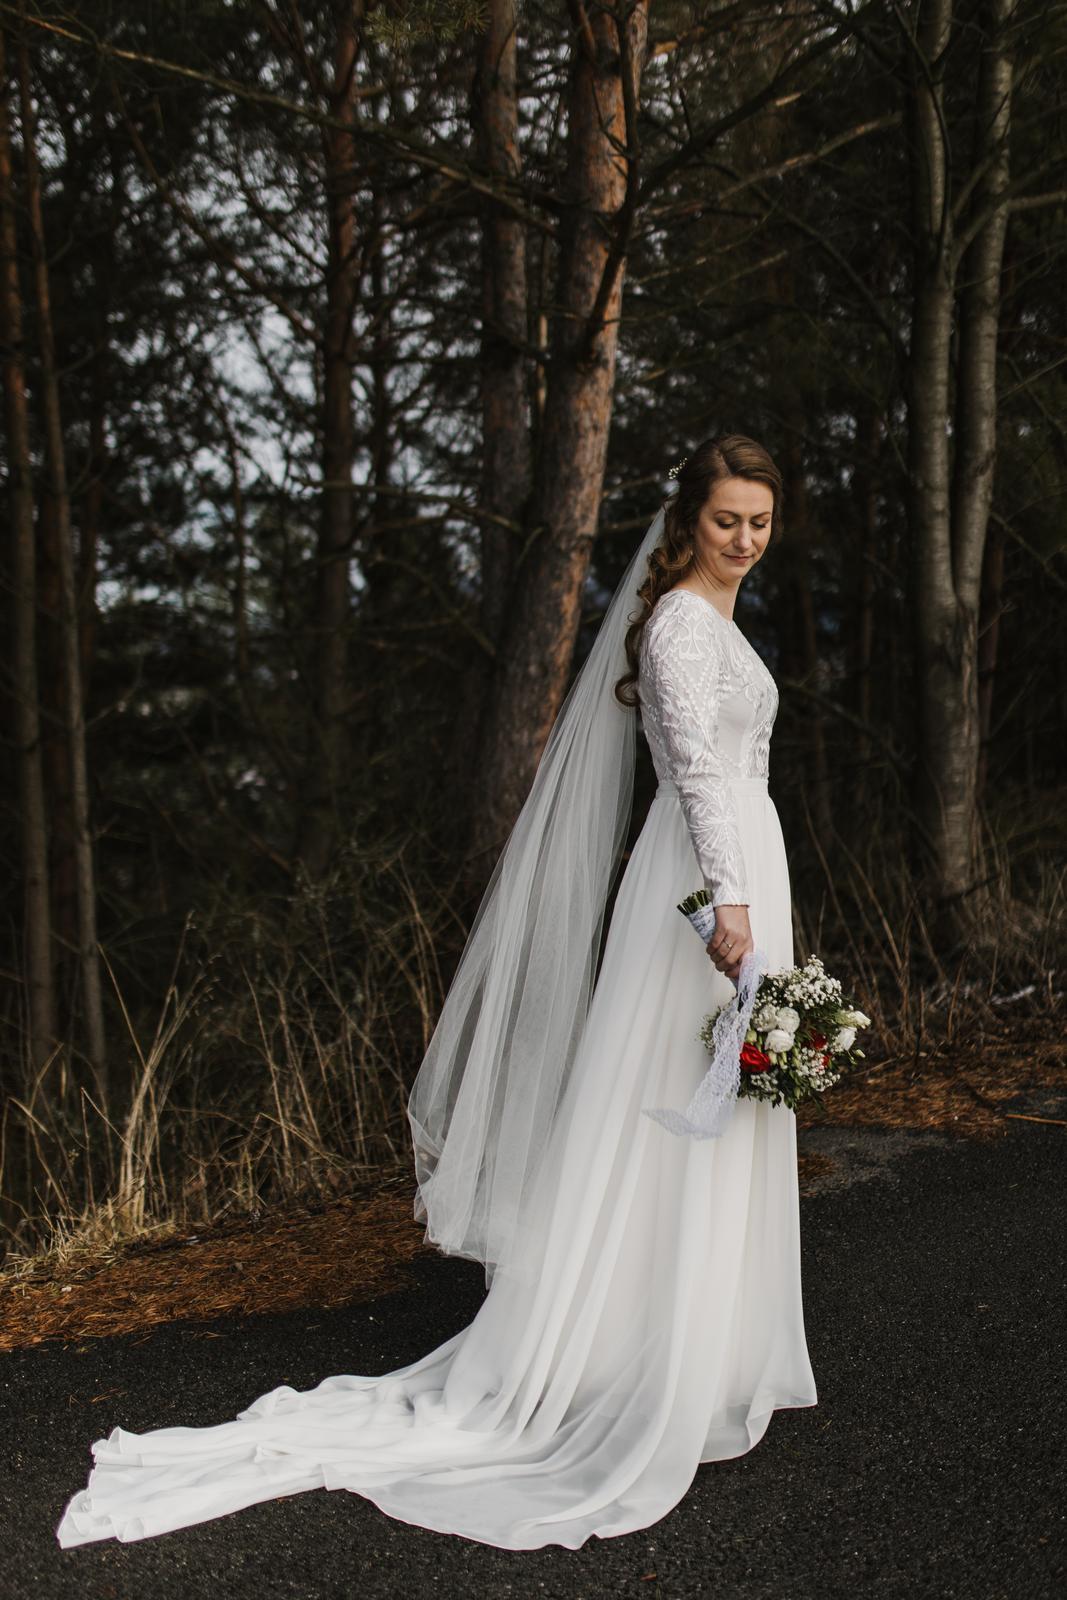 Padavé svadobné šaty s vlečkou - Obrázok č. 1